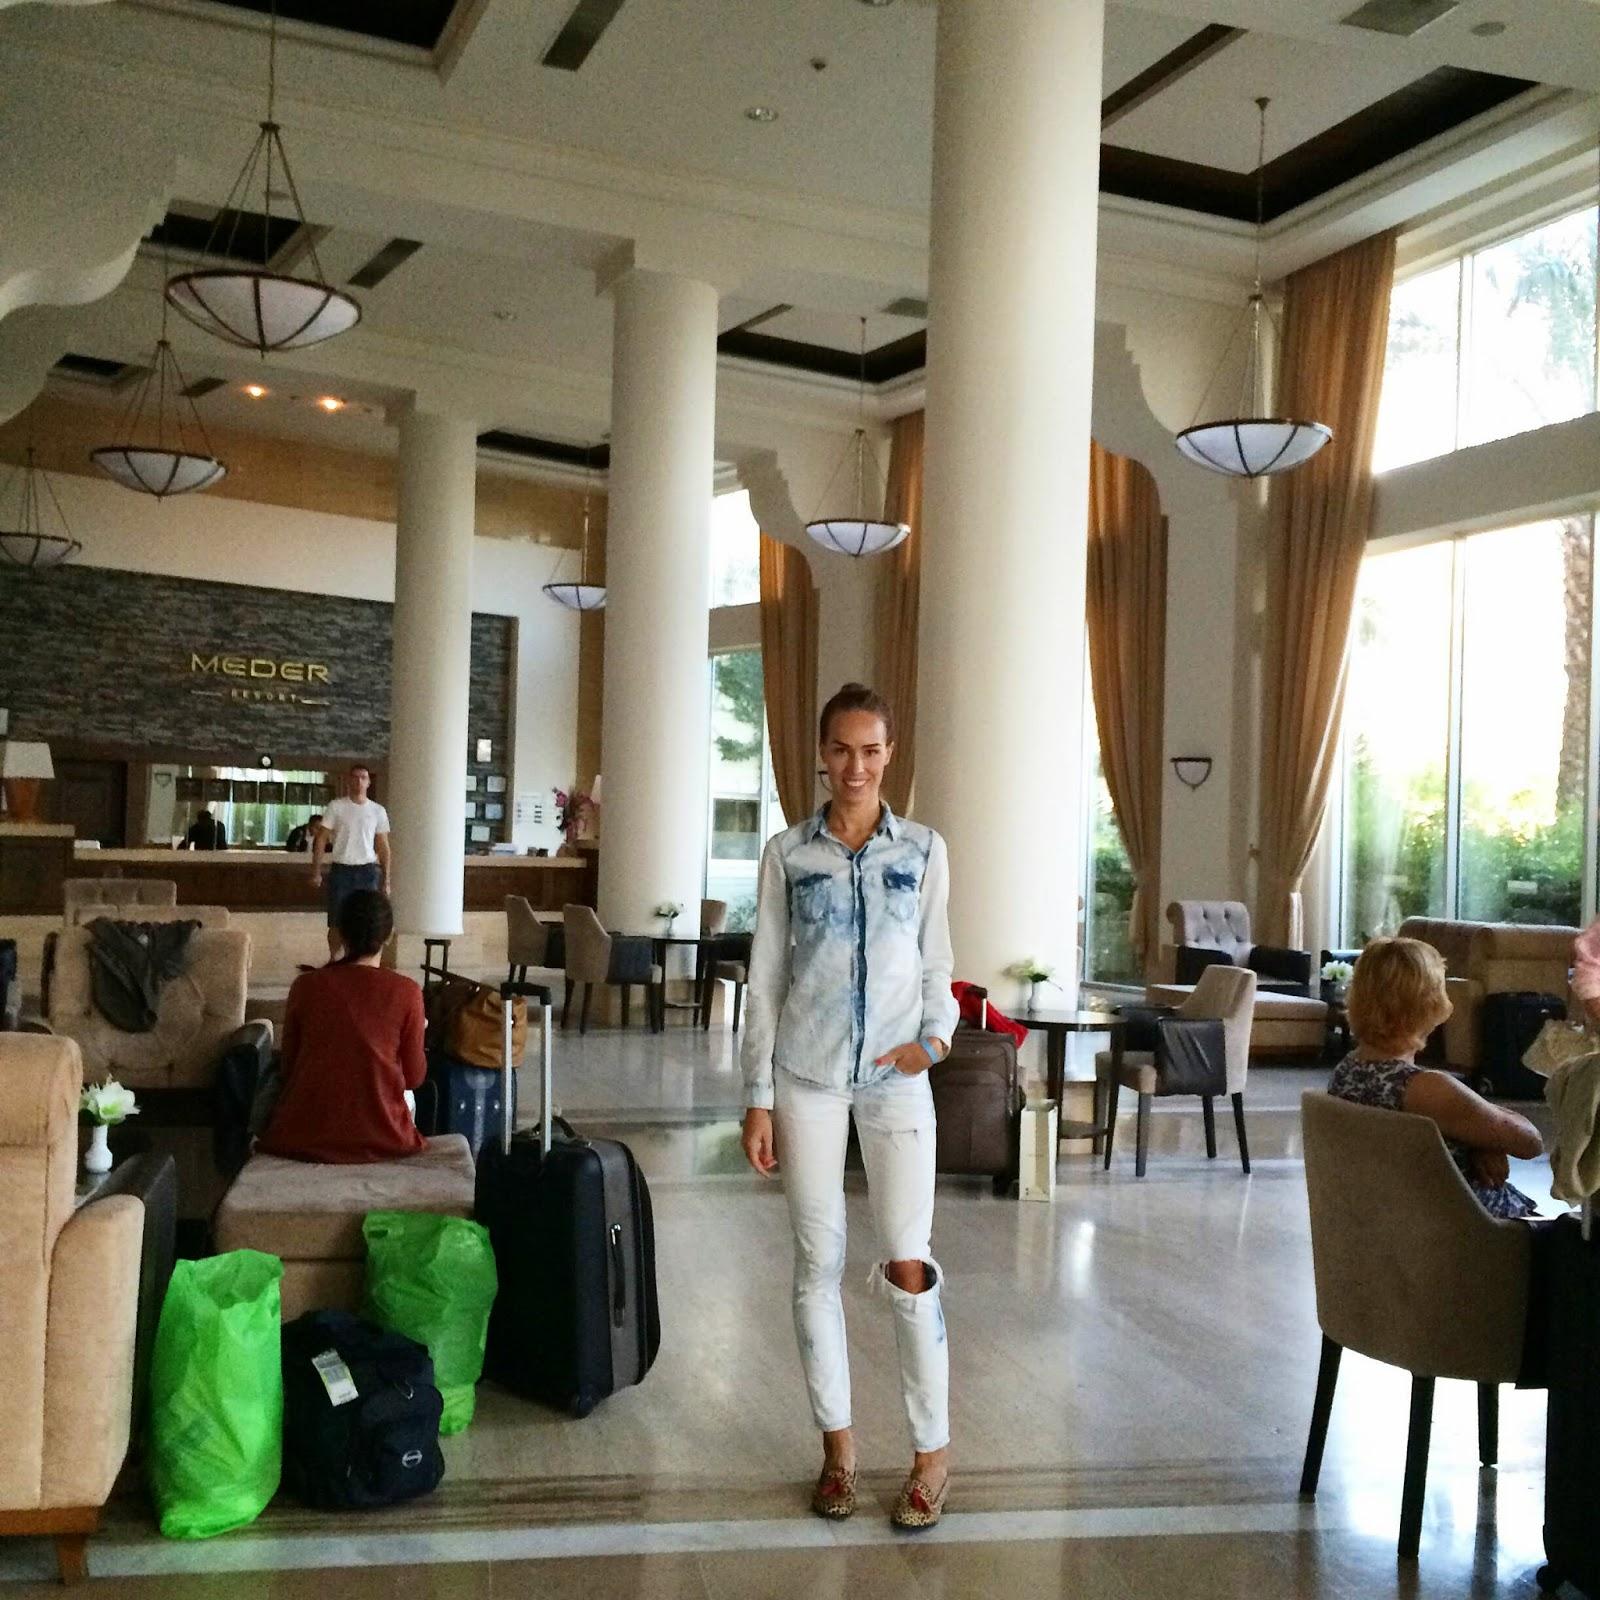 meder-resort-hotel-lobby-kemer-turkey-denim-on-denim